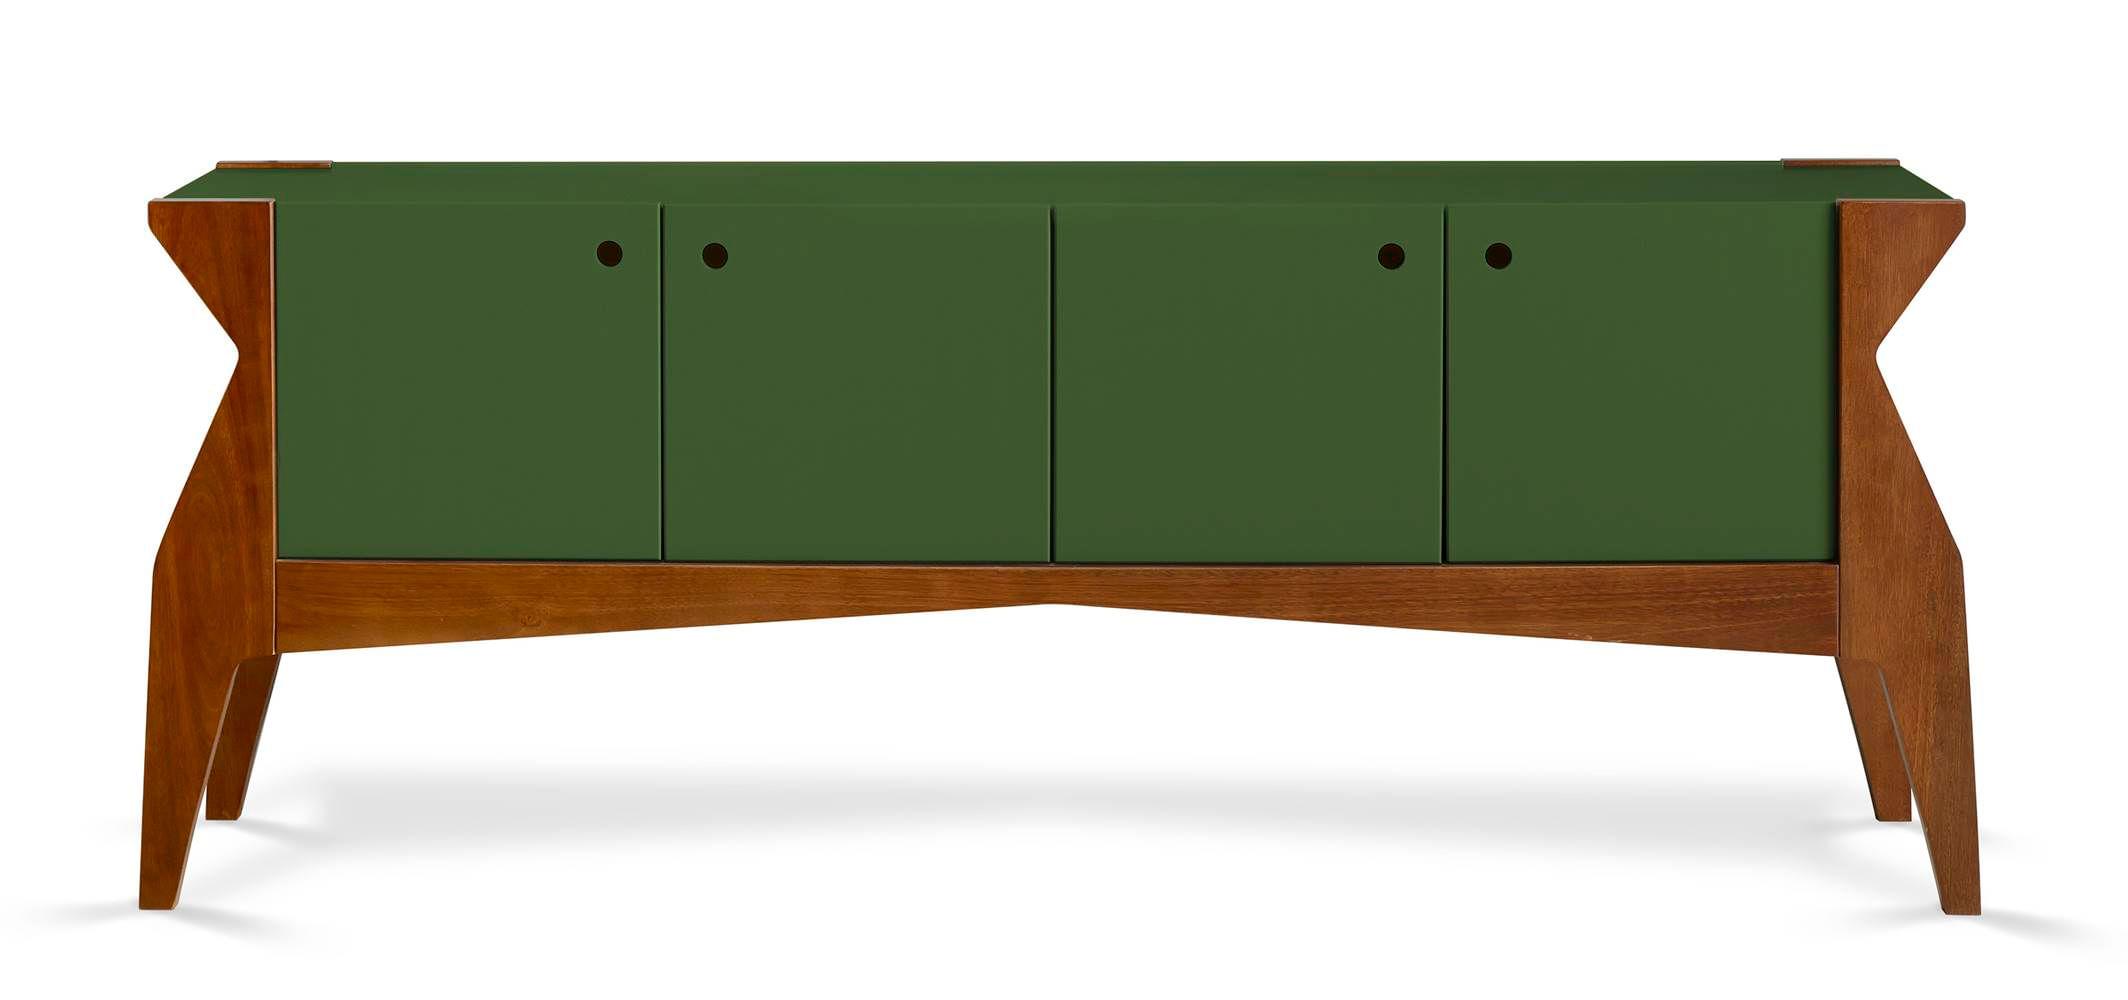 Buffet Brasa 4 Portas Cor Cacau Com Verde Escuro - 29372